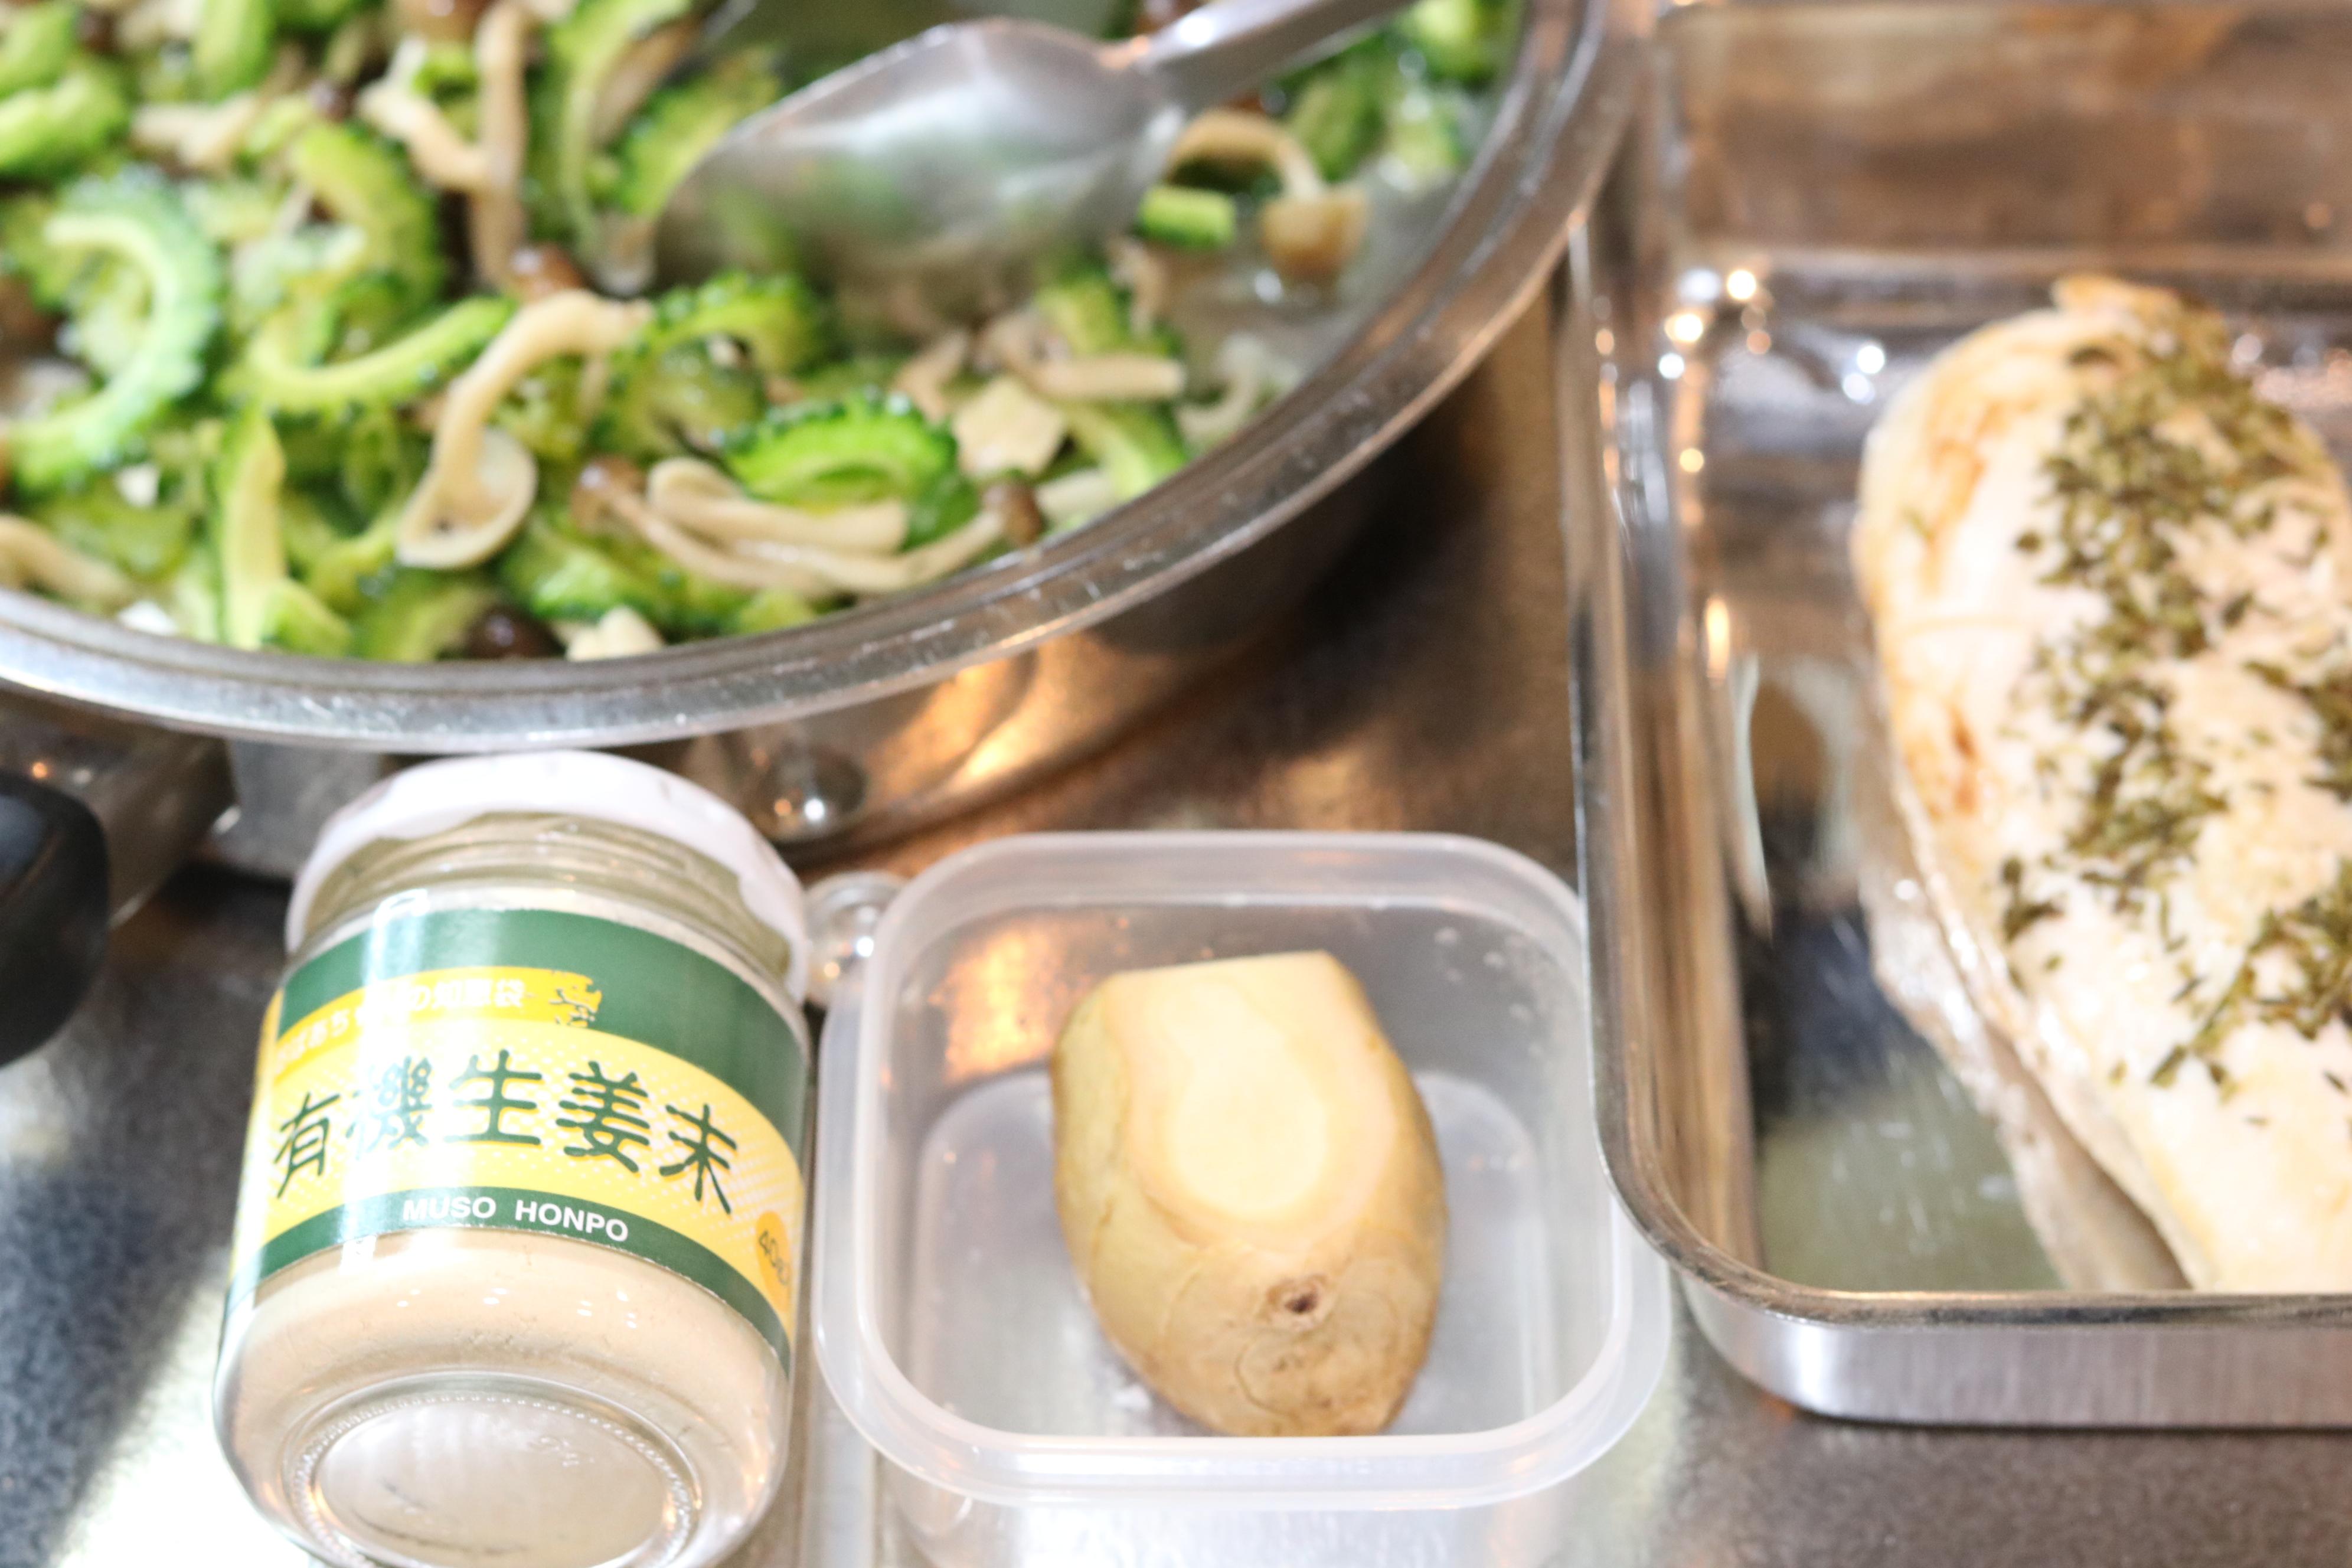 苦瓜を使う梅雨の季節薬膳に生姜かジンジャーパウダーか迷っているところ。